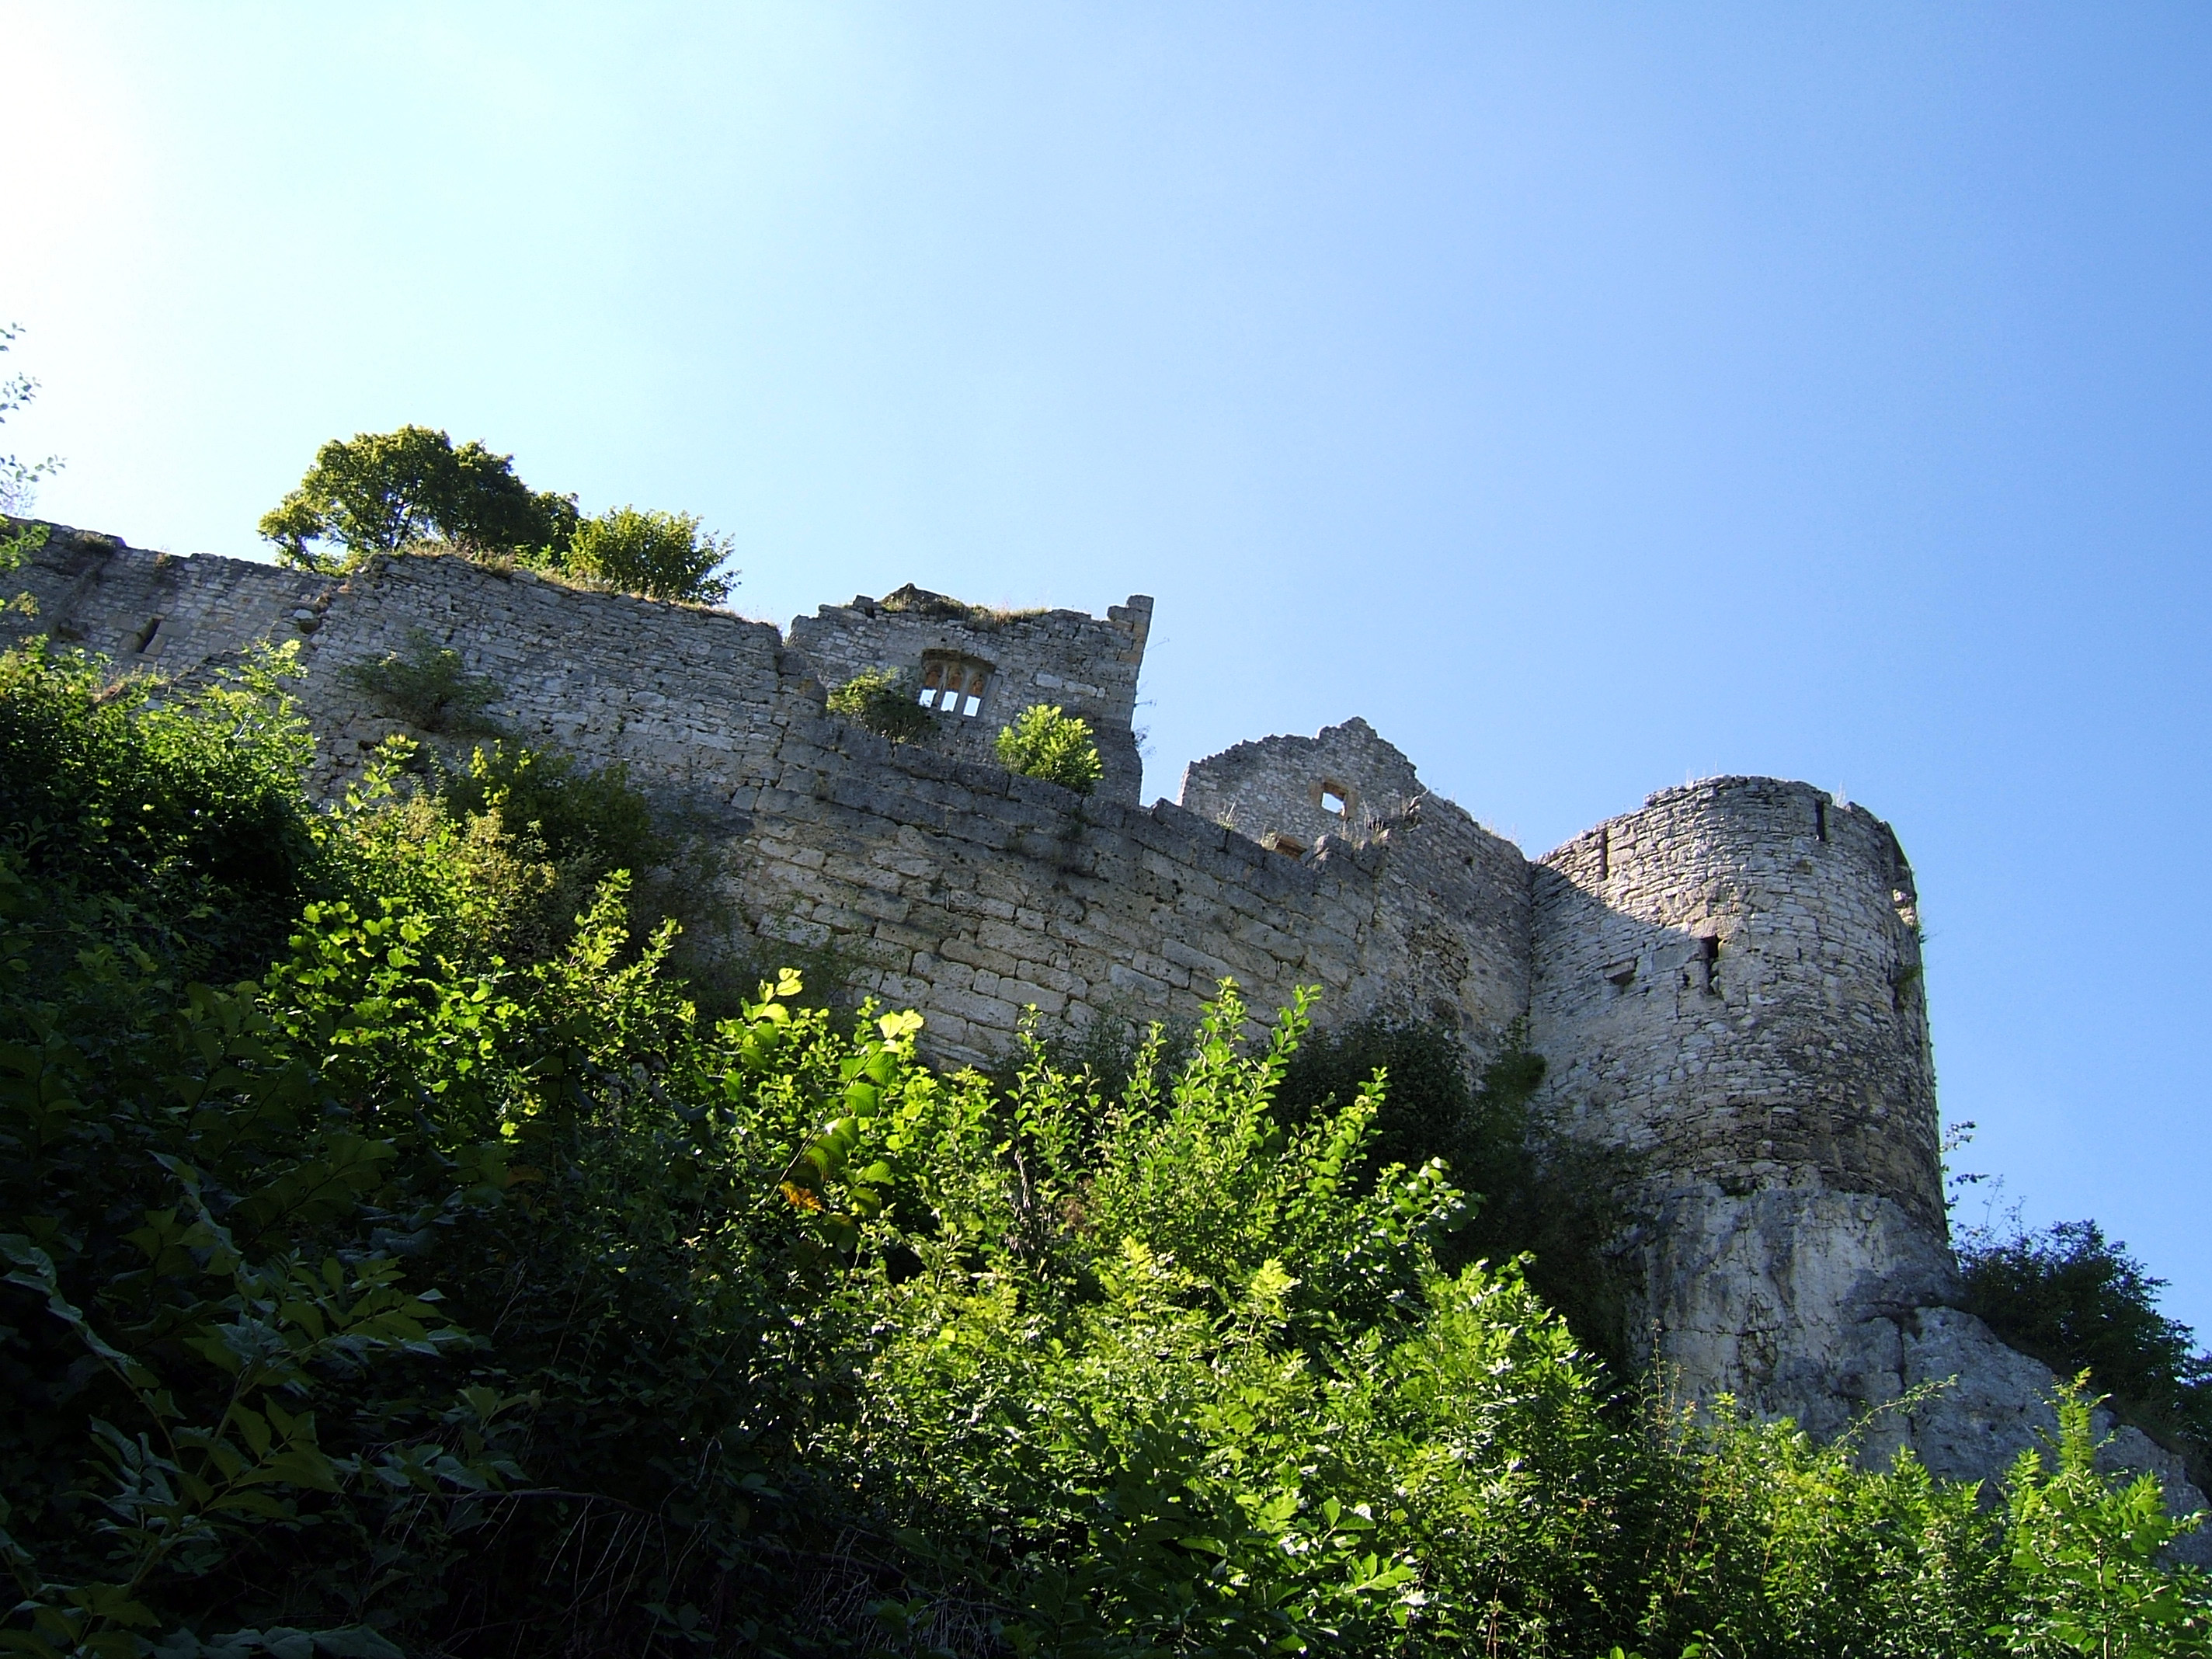 Blick von unten auf die Ruine der Burg Hohenurach